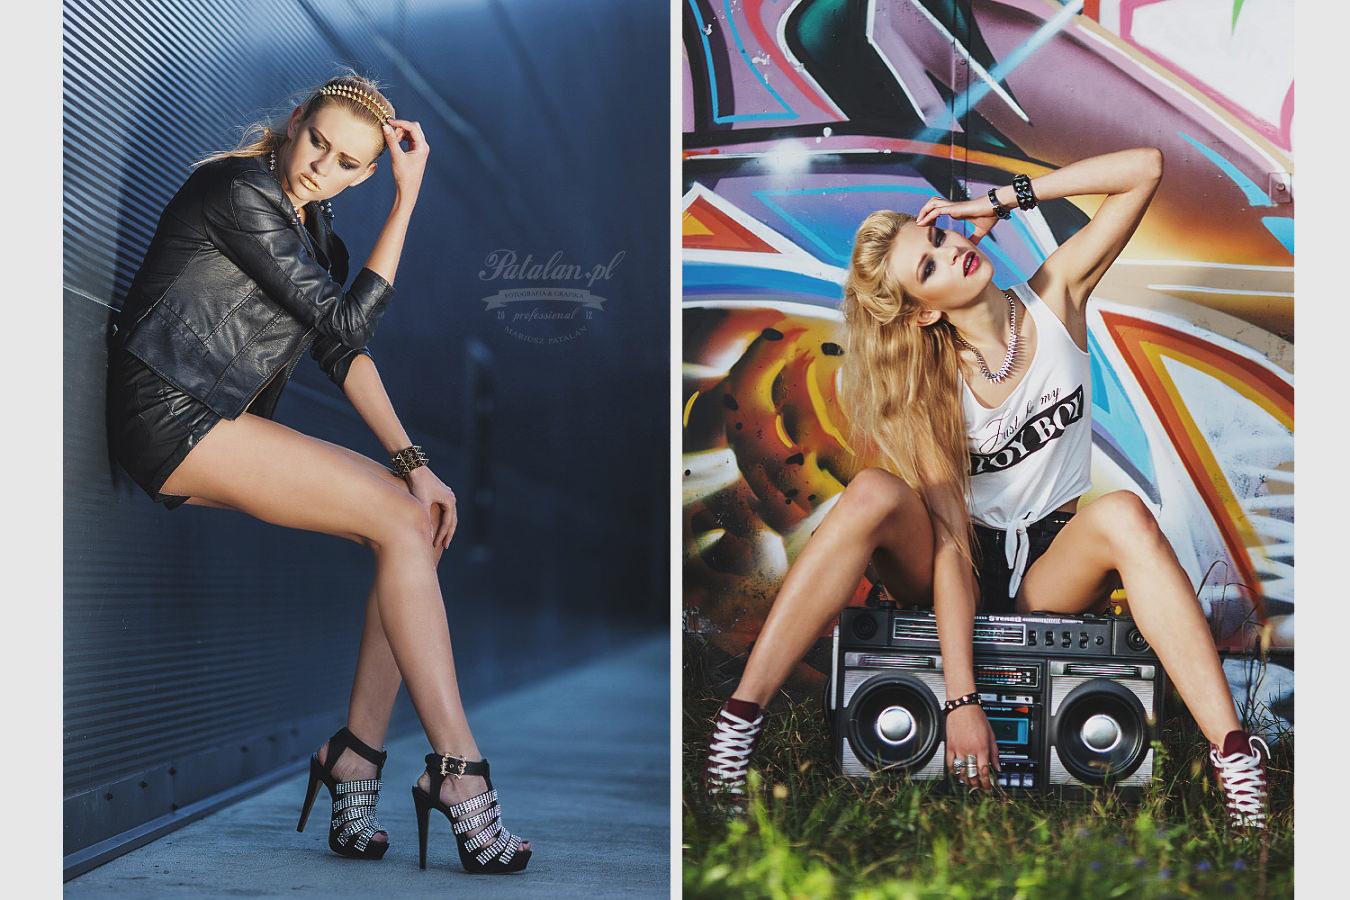 golden pixel studio, stylizowana sesja zdjęciowa, street fashion, zdjęcia plenerowe, fashion session, hiphop   sesja